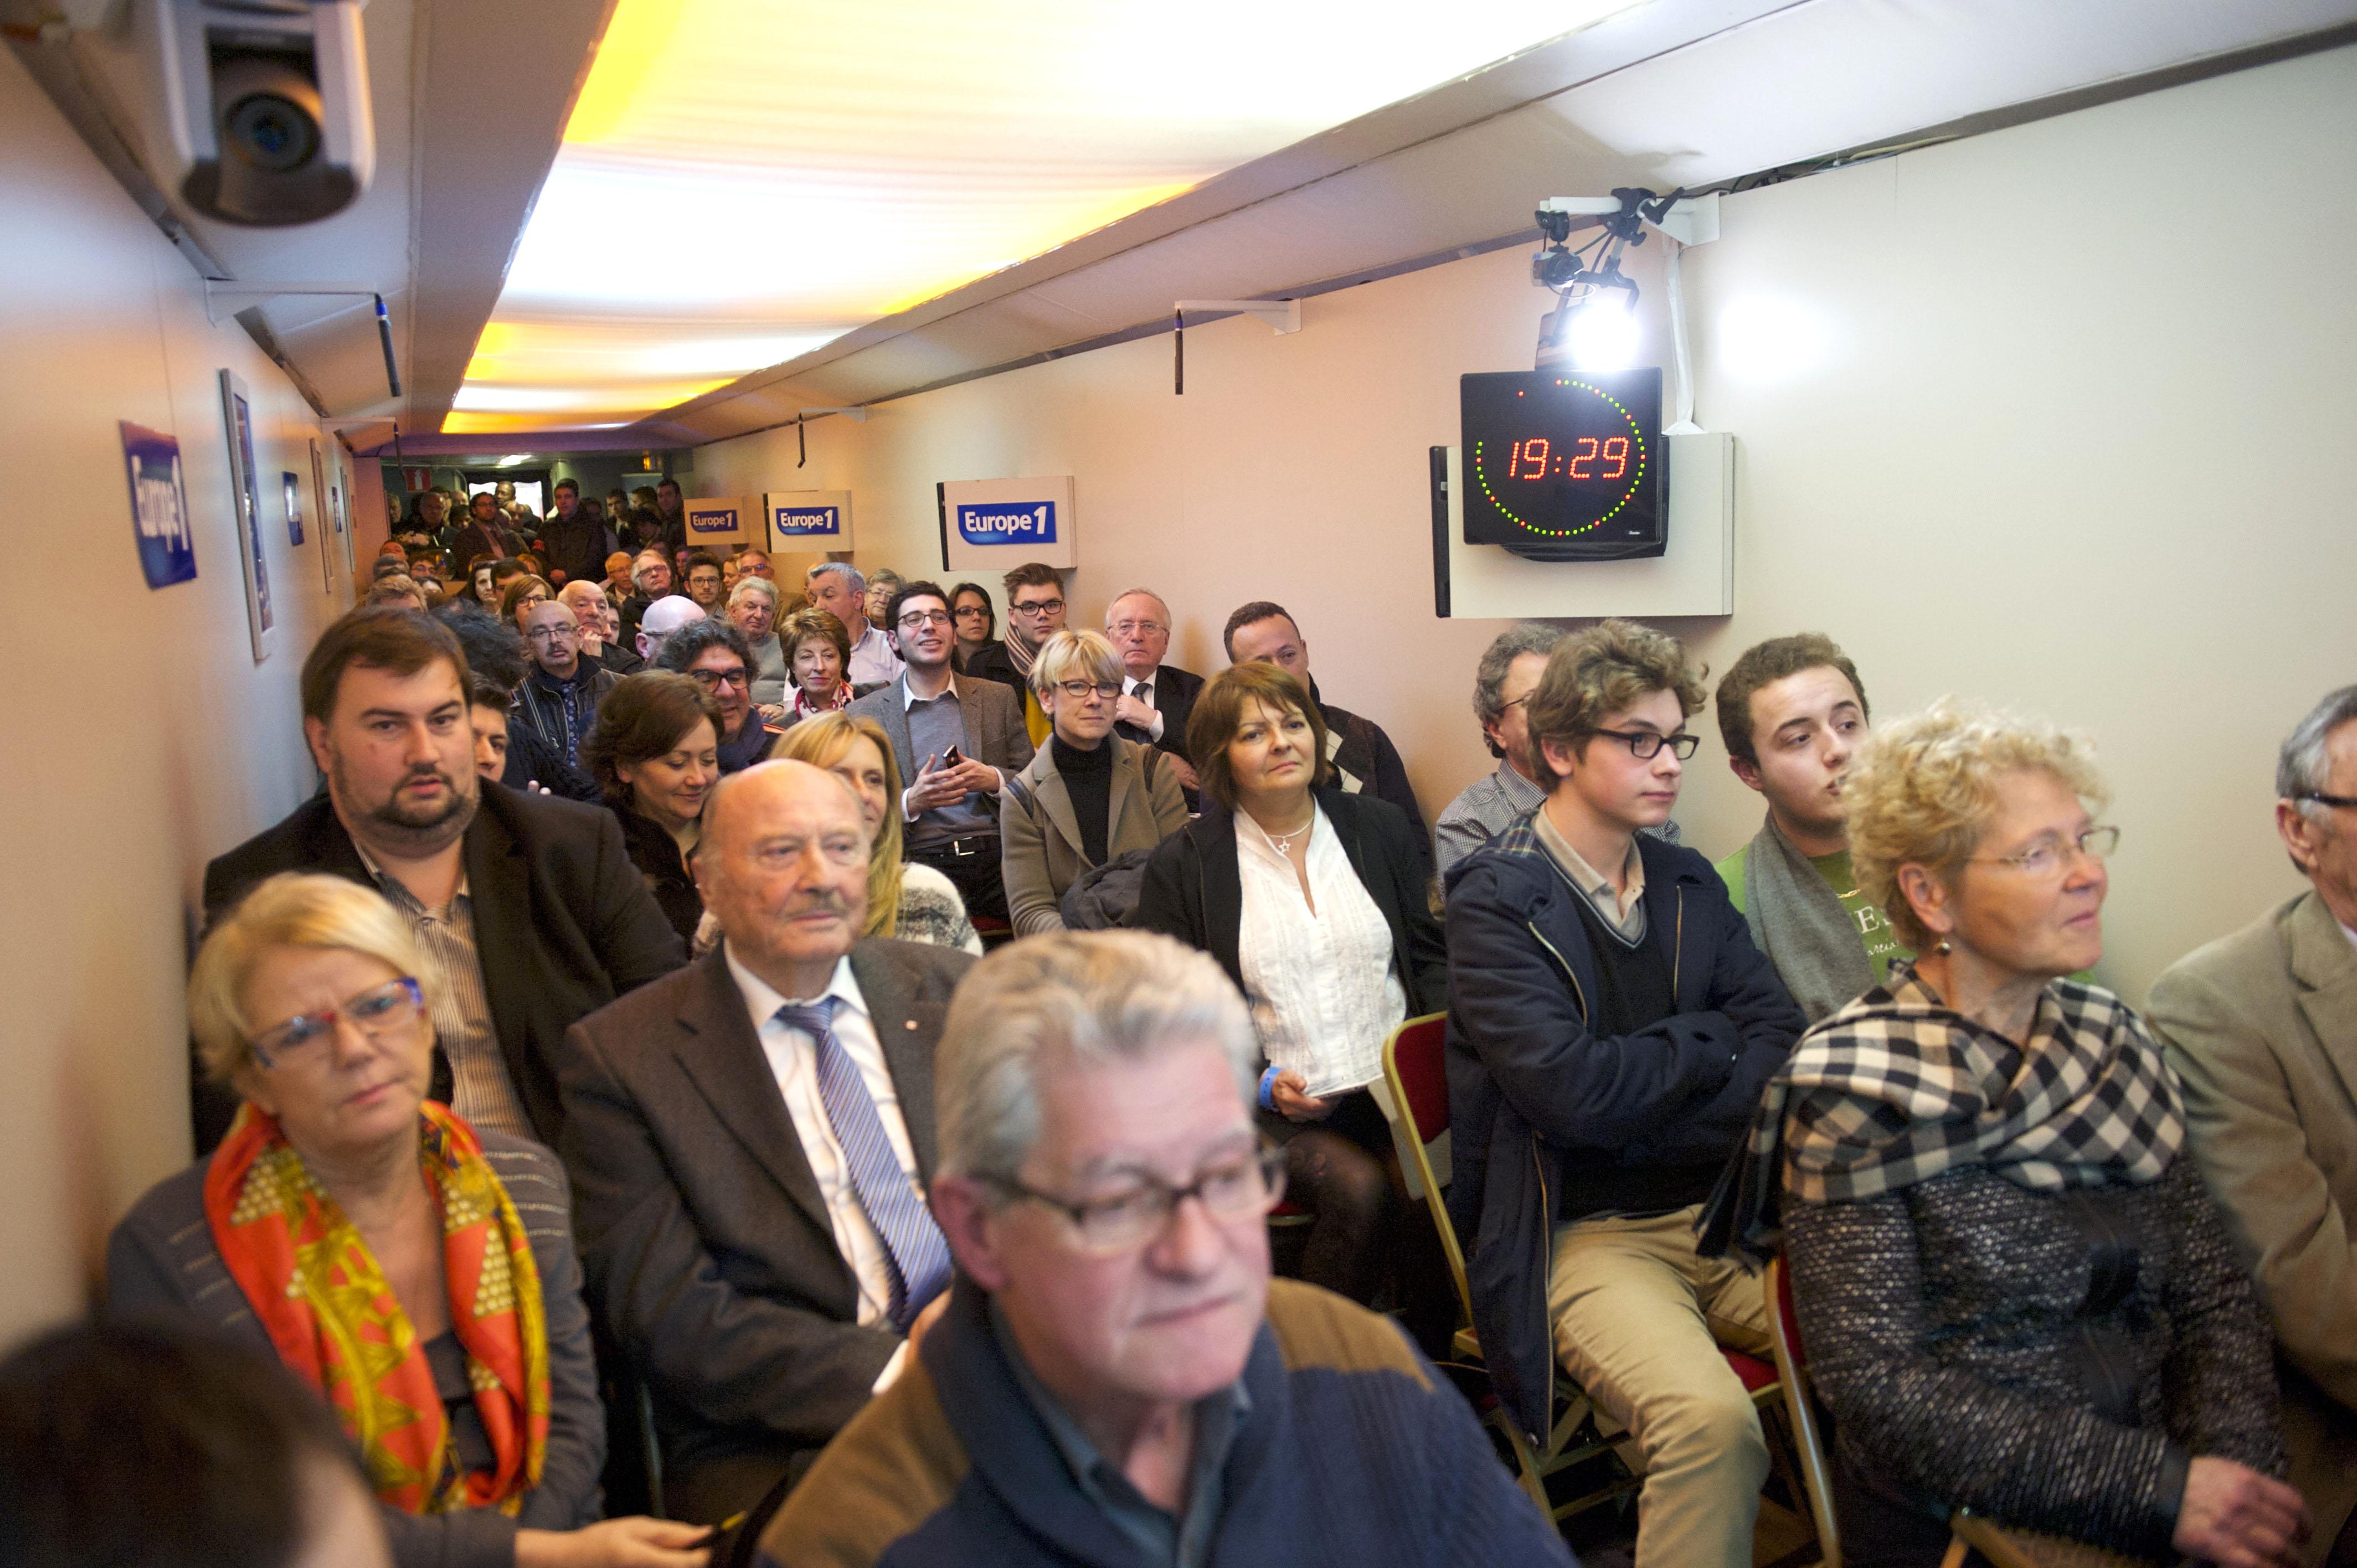 De nombreux auditeurs dans le Train des Municipales ont assisté à l'émission © Benjamin Segura - CAPA Pictures